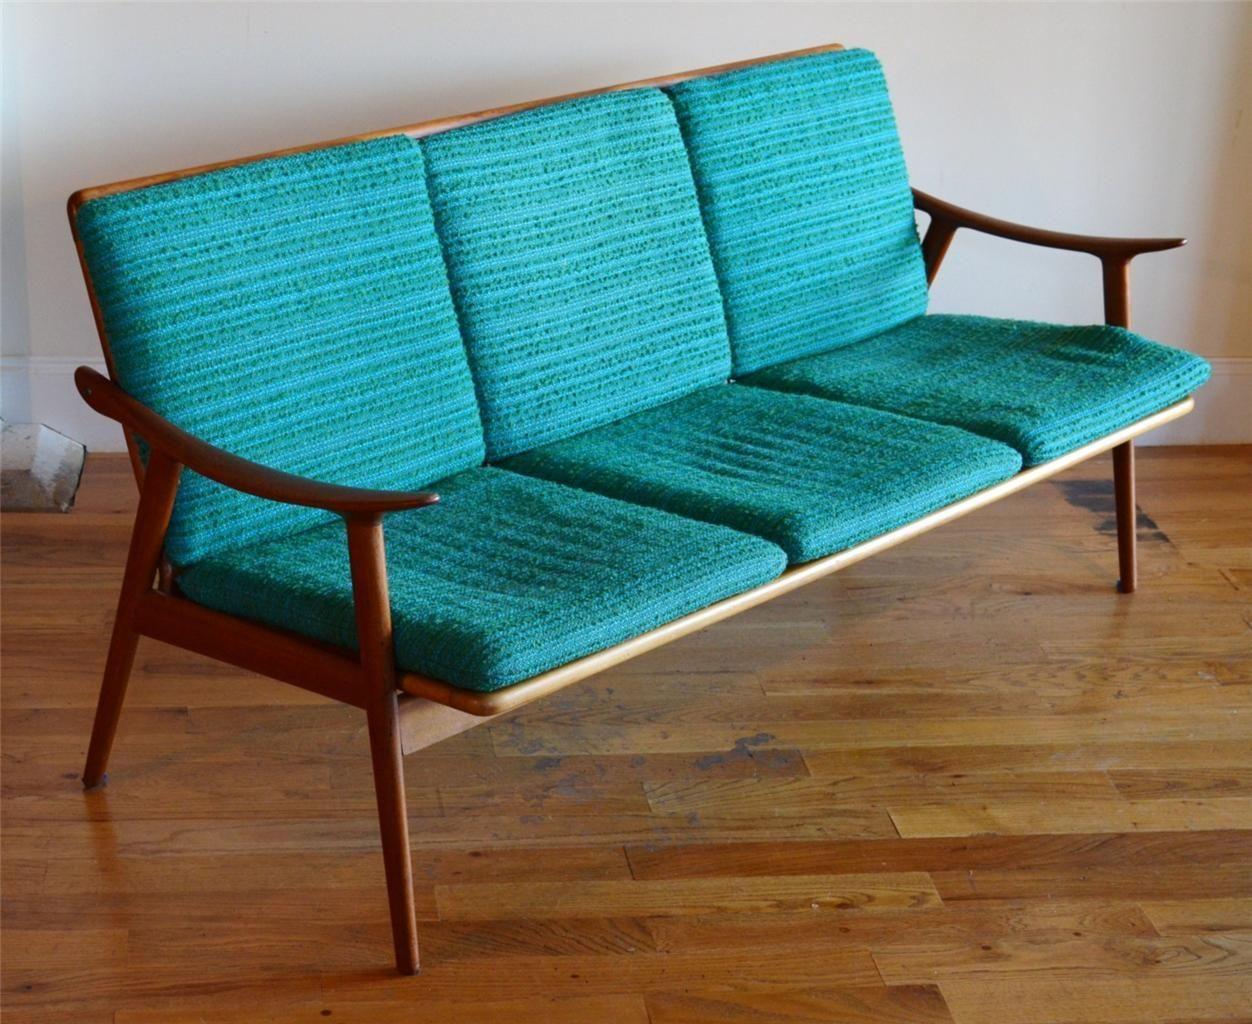 Fredrik Kayser Vatne Mobler Danish Mid Century Modern Teak Sofa Selig Eames    EBay